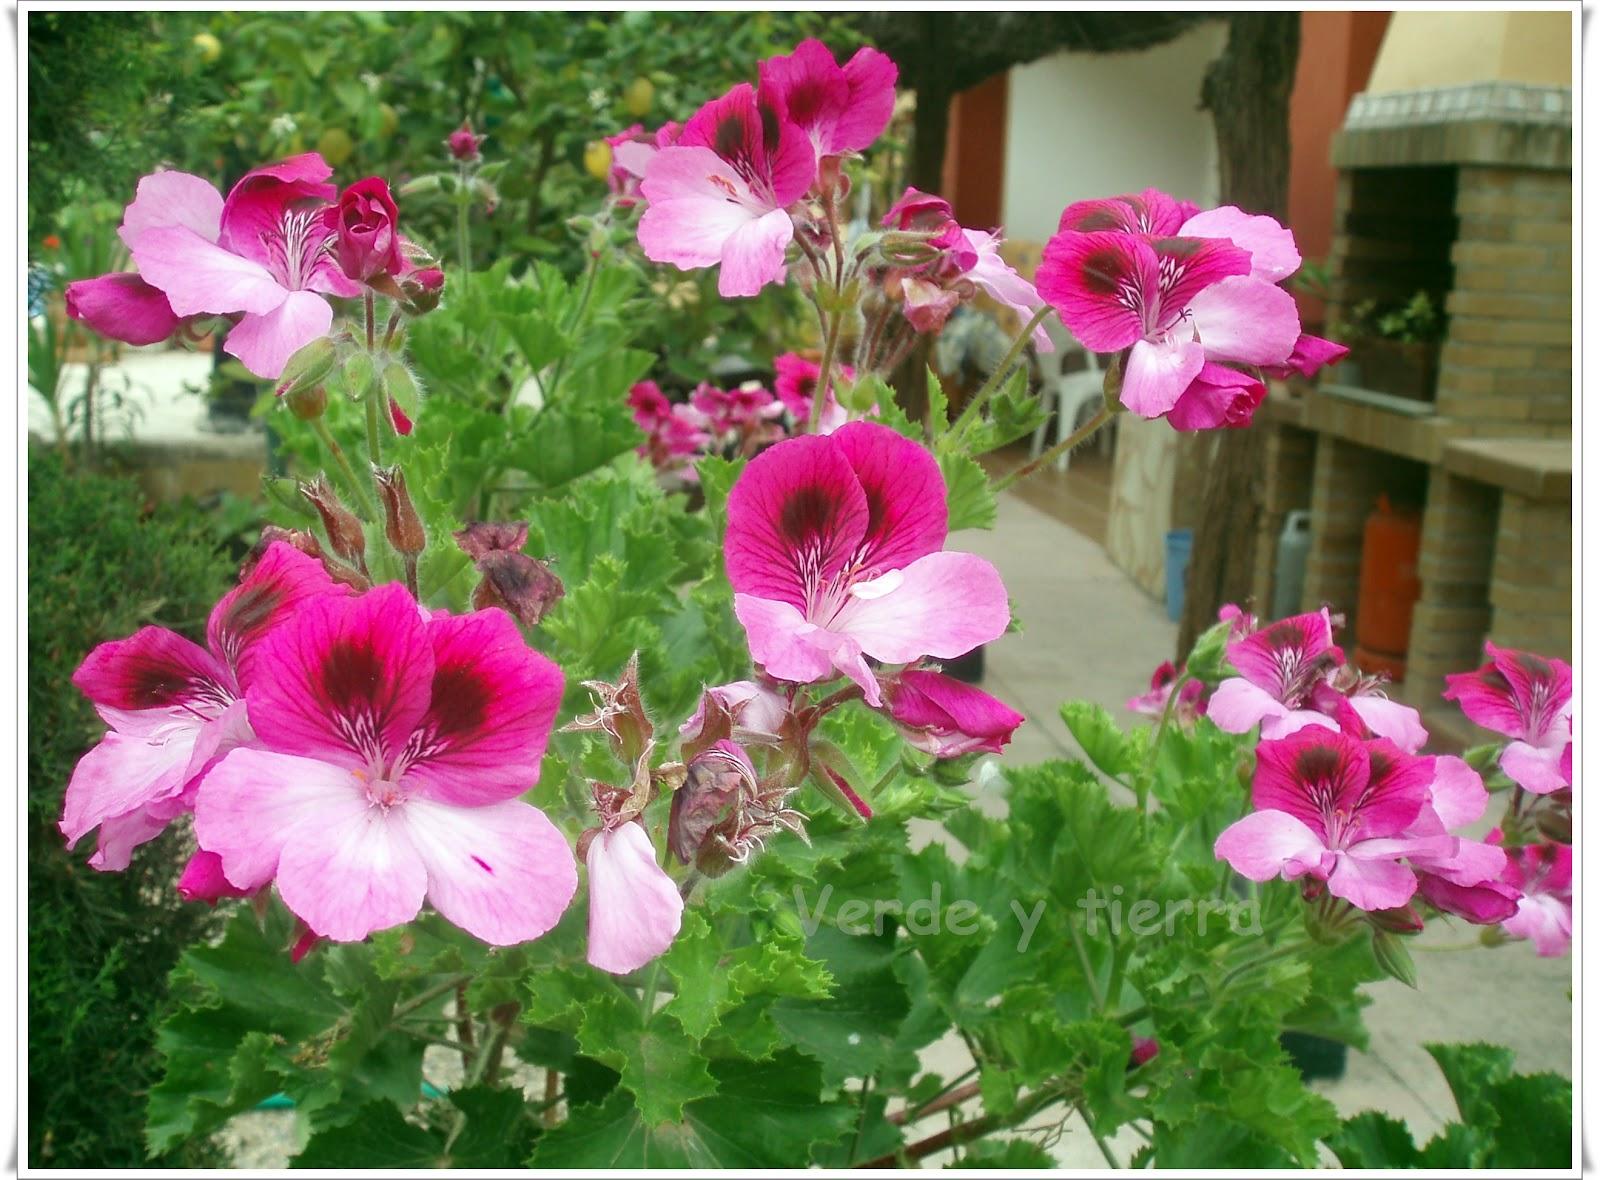 Verde y tierra geranio pelargonium - Geranio de pensamiento ...